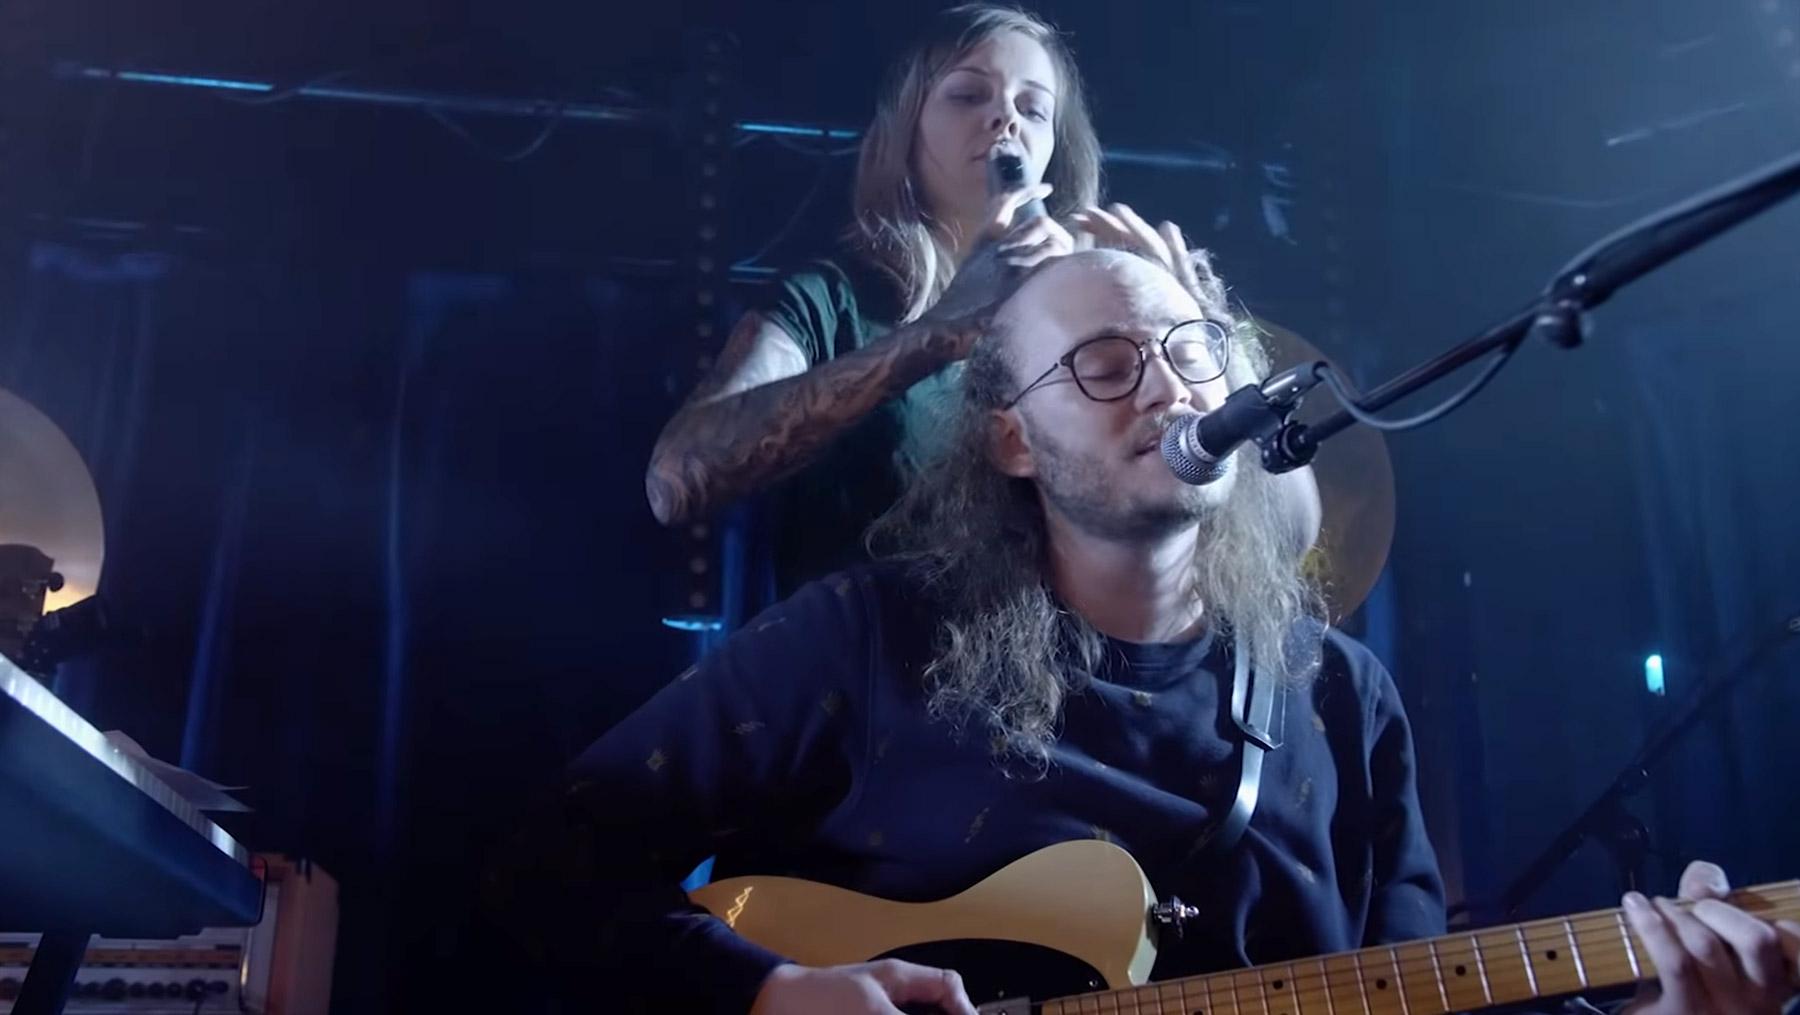 Jo Stöckholzer lässt sich während des Konzerts eine Glatze schneiden